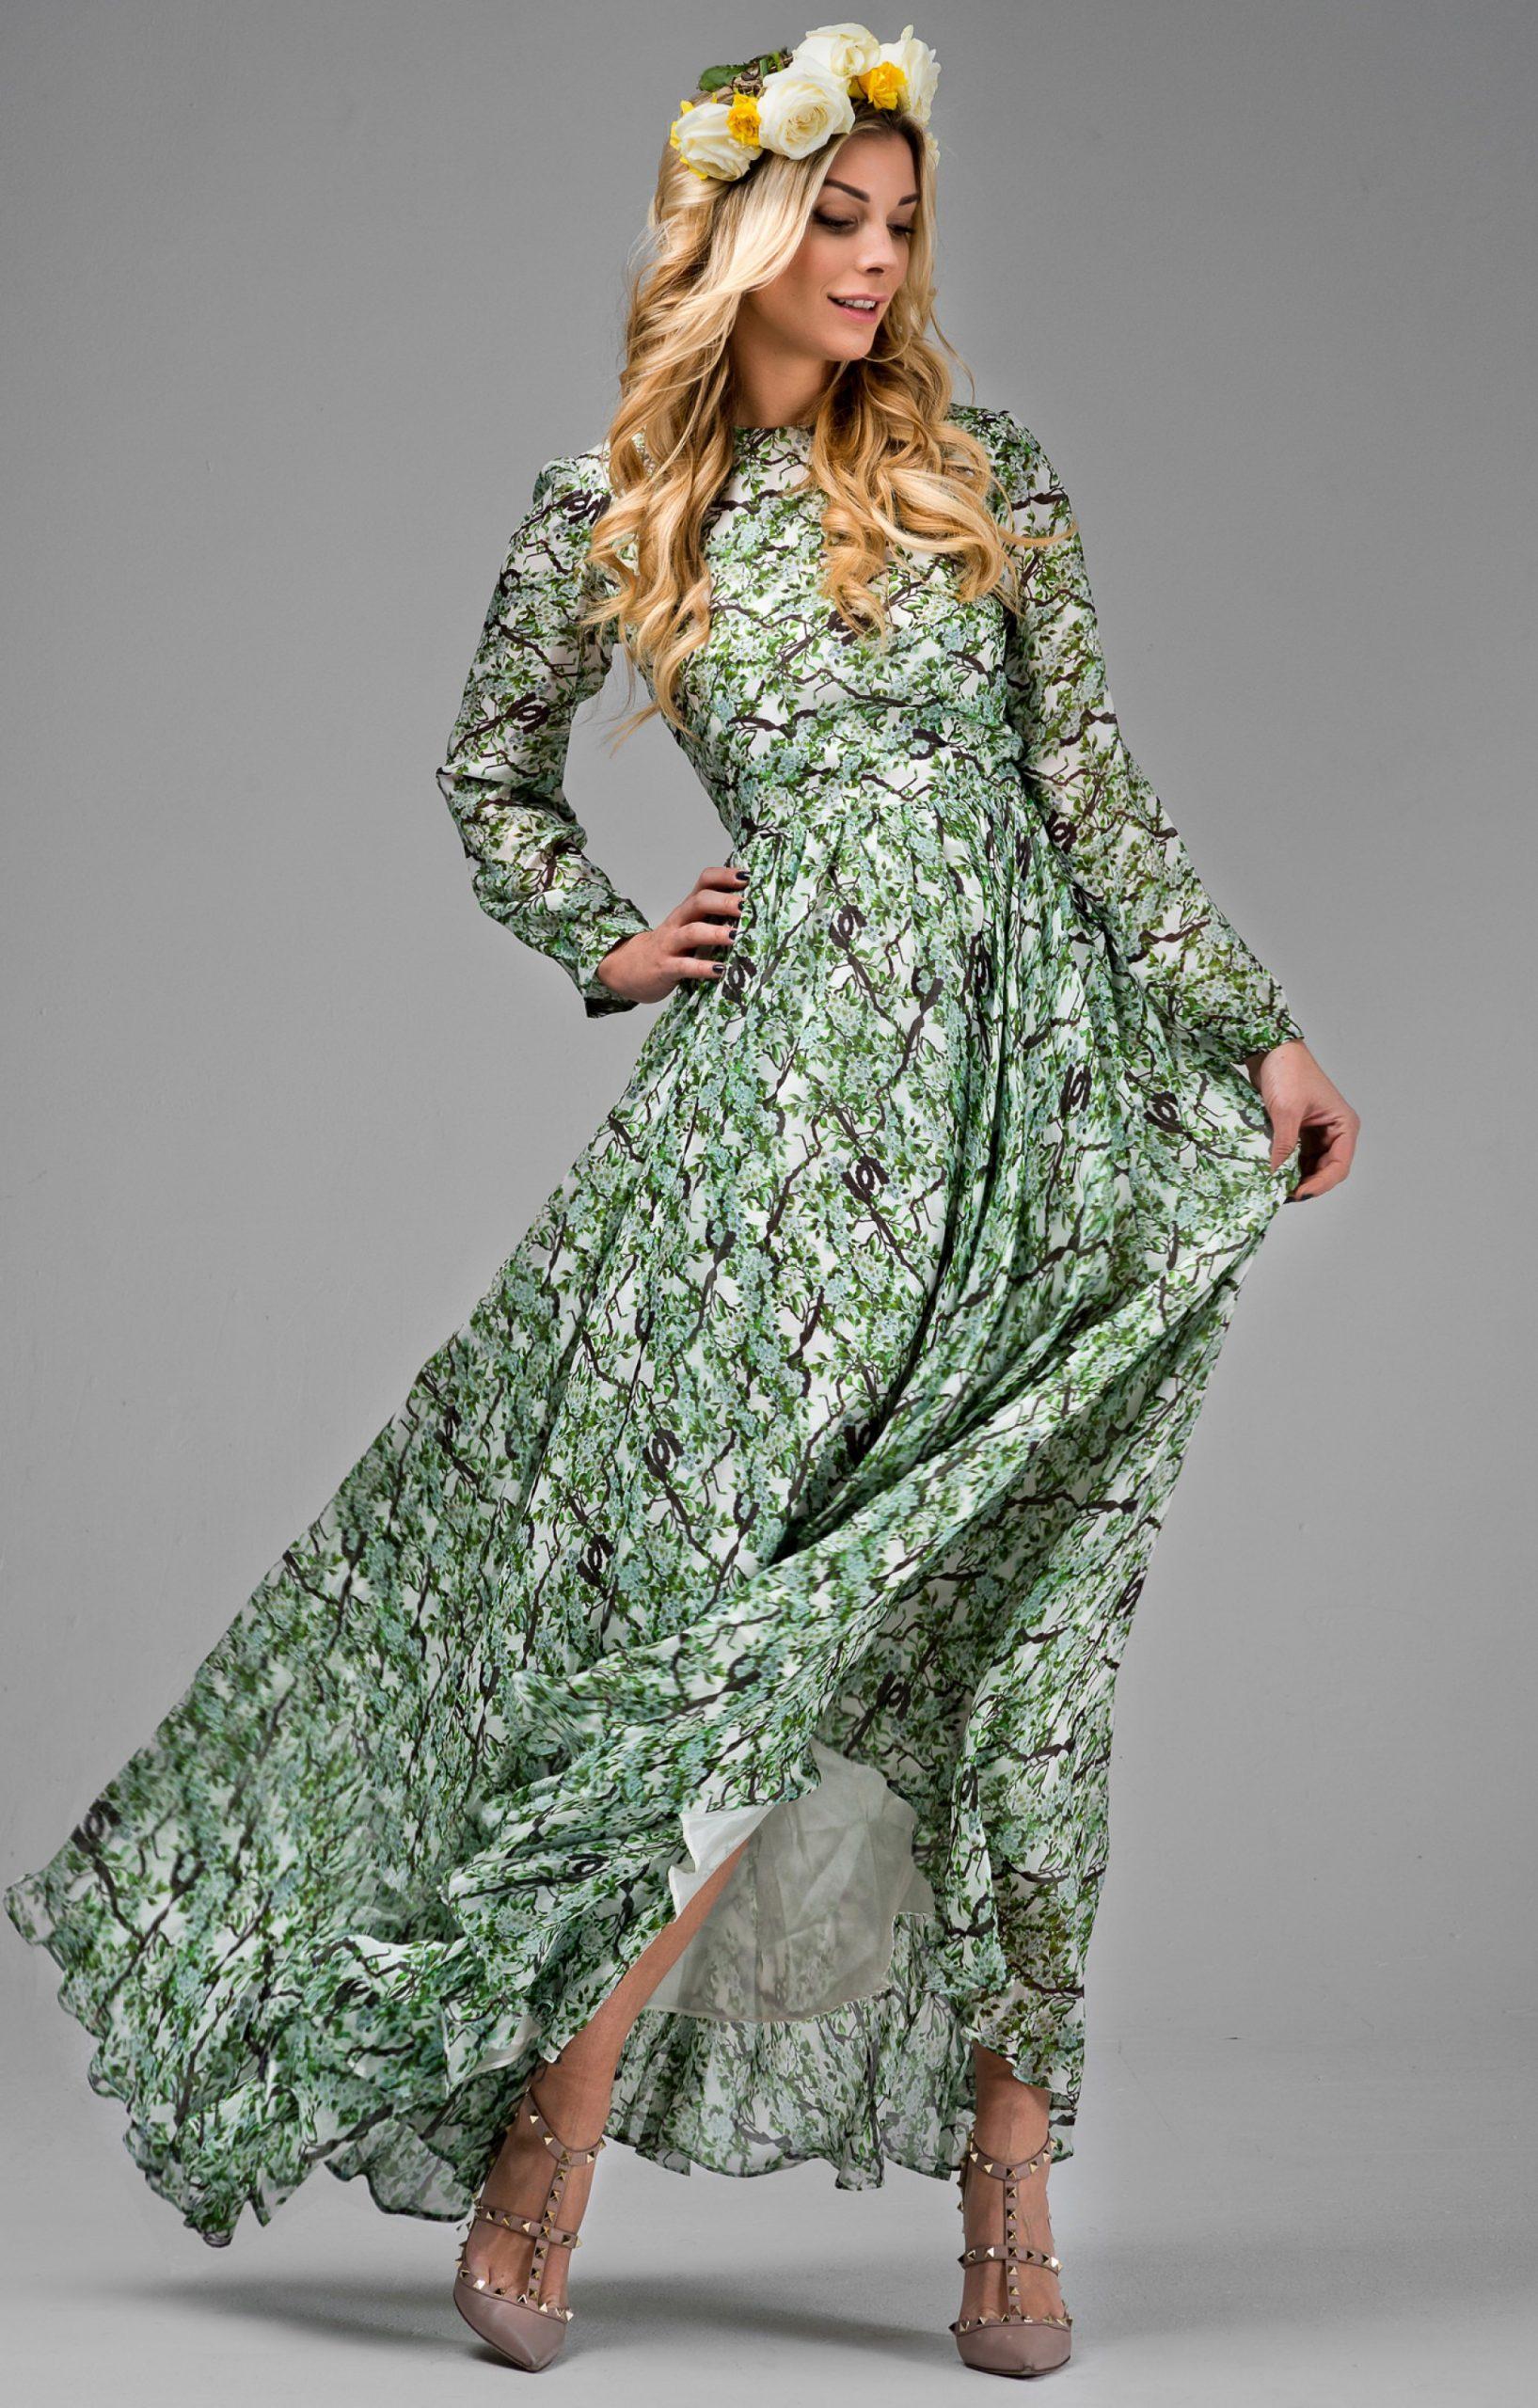 15 Ausgezeichnet Abend Kleid Seide Spezialgebiet15 Kreativ Abend Kleid Seide Stylish